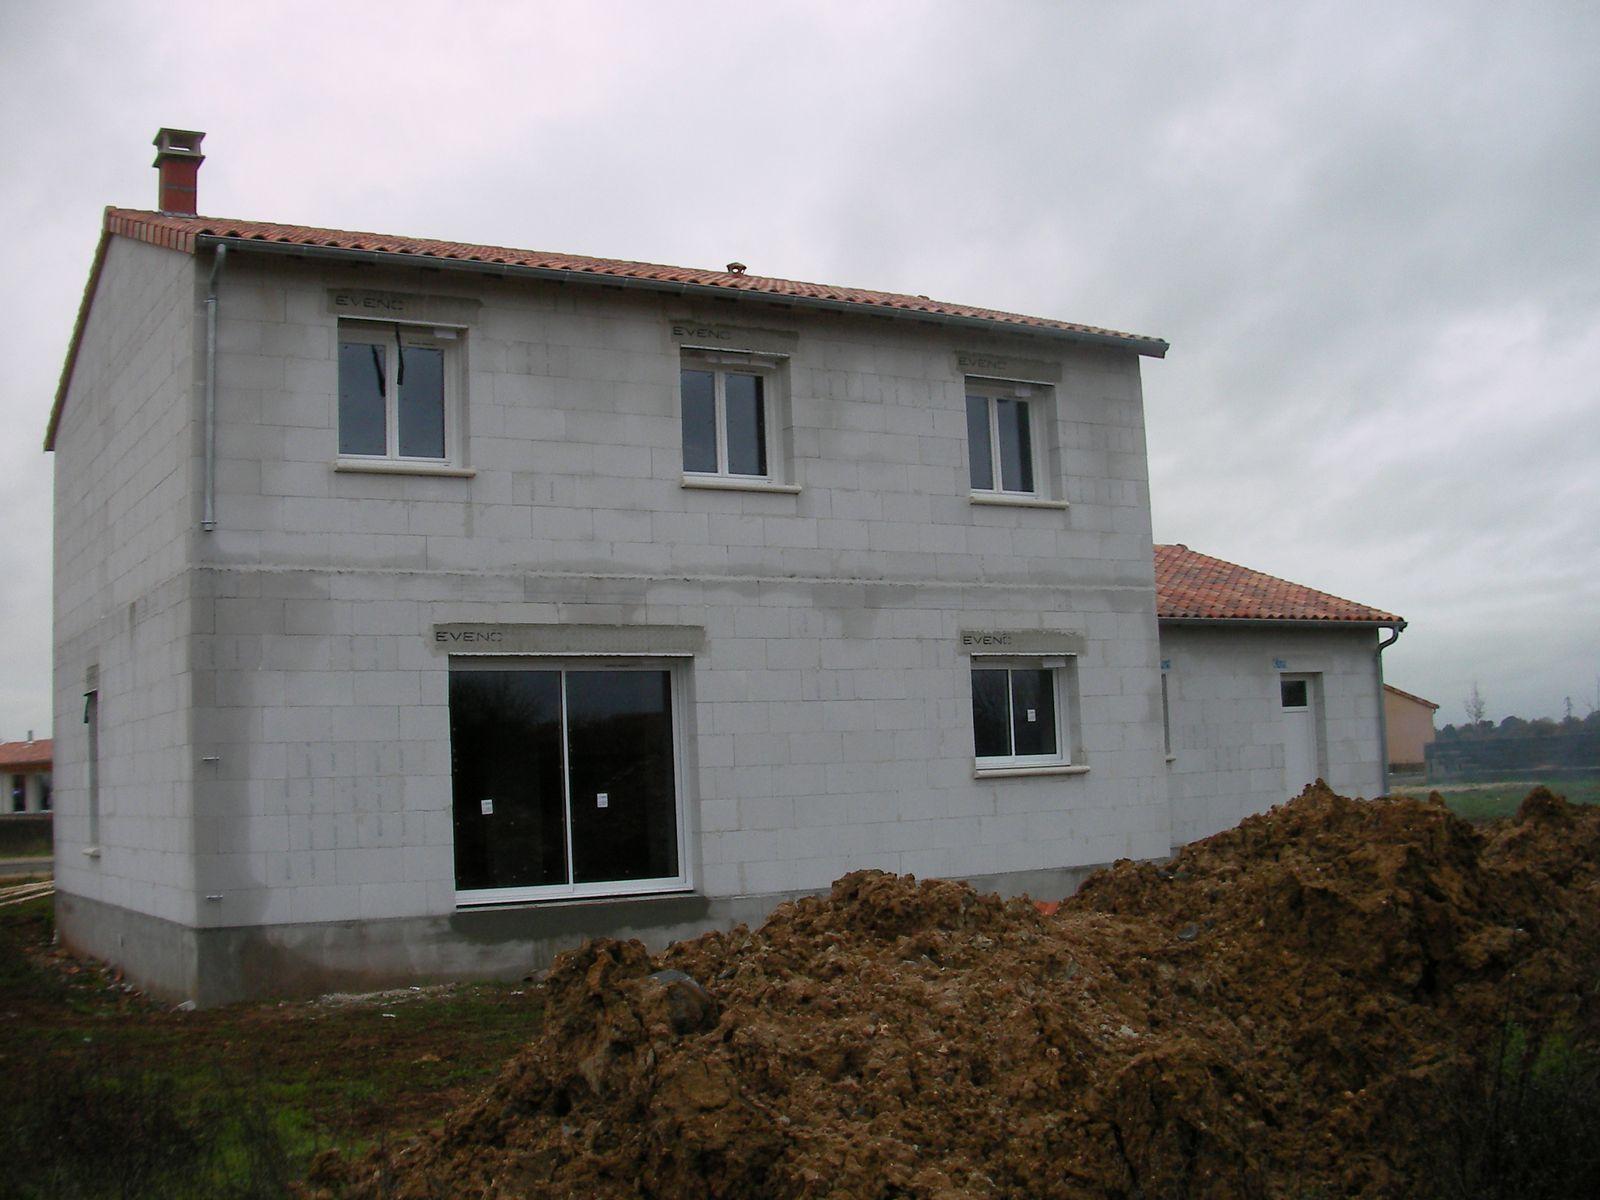 Hors d 39 eau hors d 39 air le blog de maison chateau - Assurance maison hors d eau hors d air ...